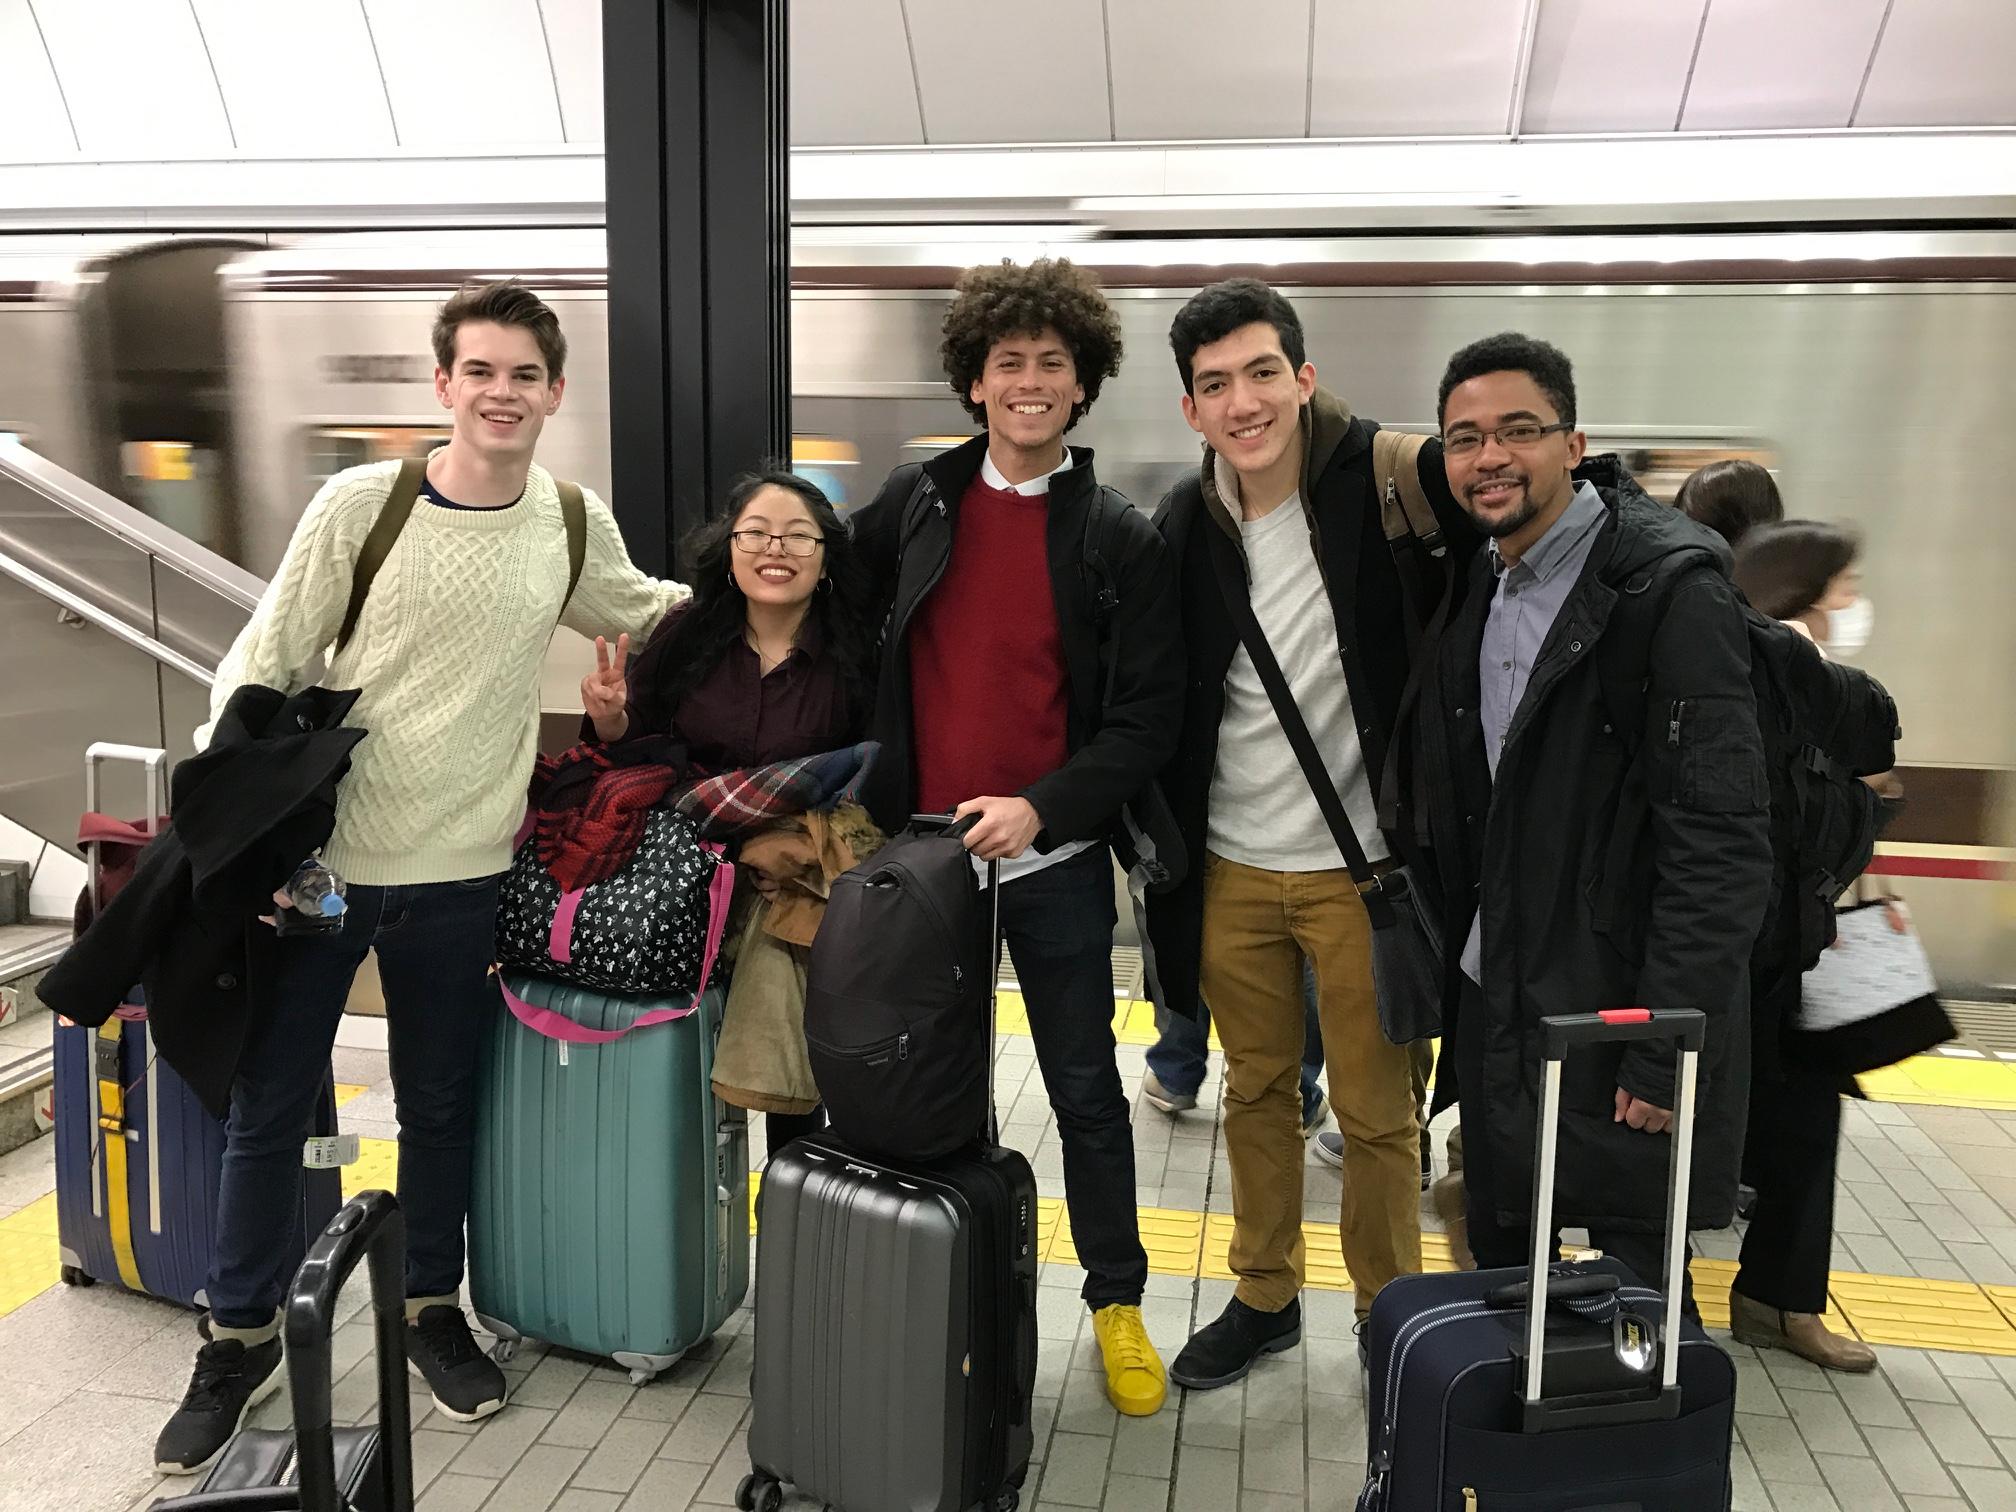 左から英国OxfordのCallum, 米国MIT(マサチューセッツ工科大学)のErika, 英国University College LondonのArnald, Joseph, and Mugi!!